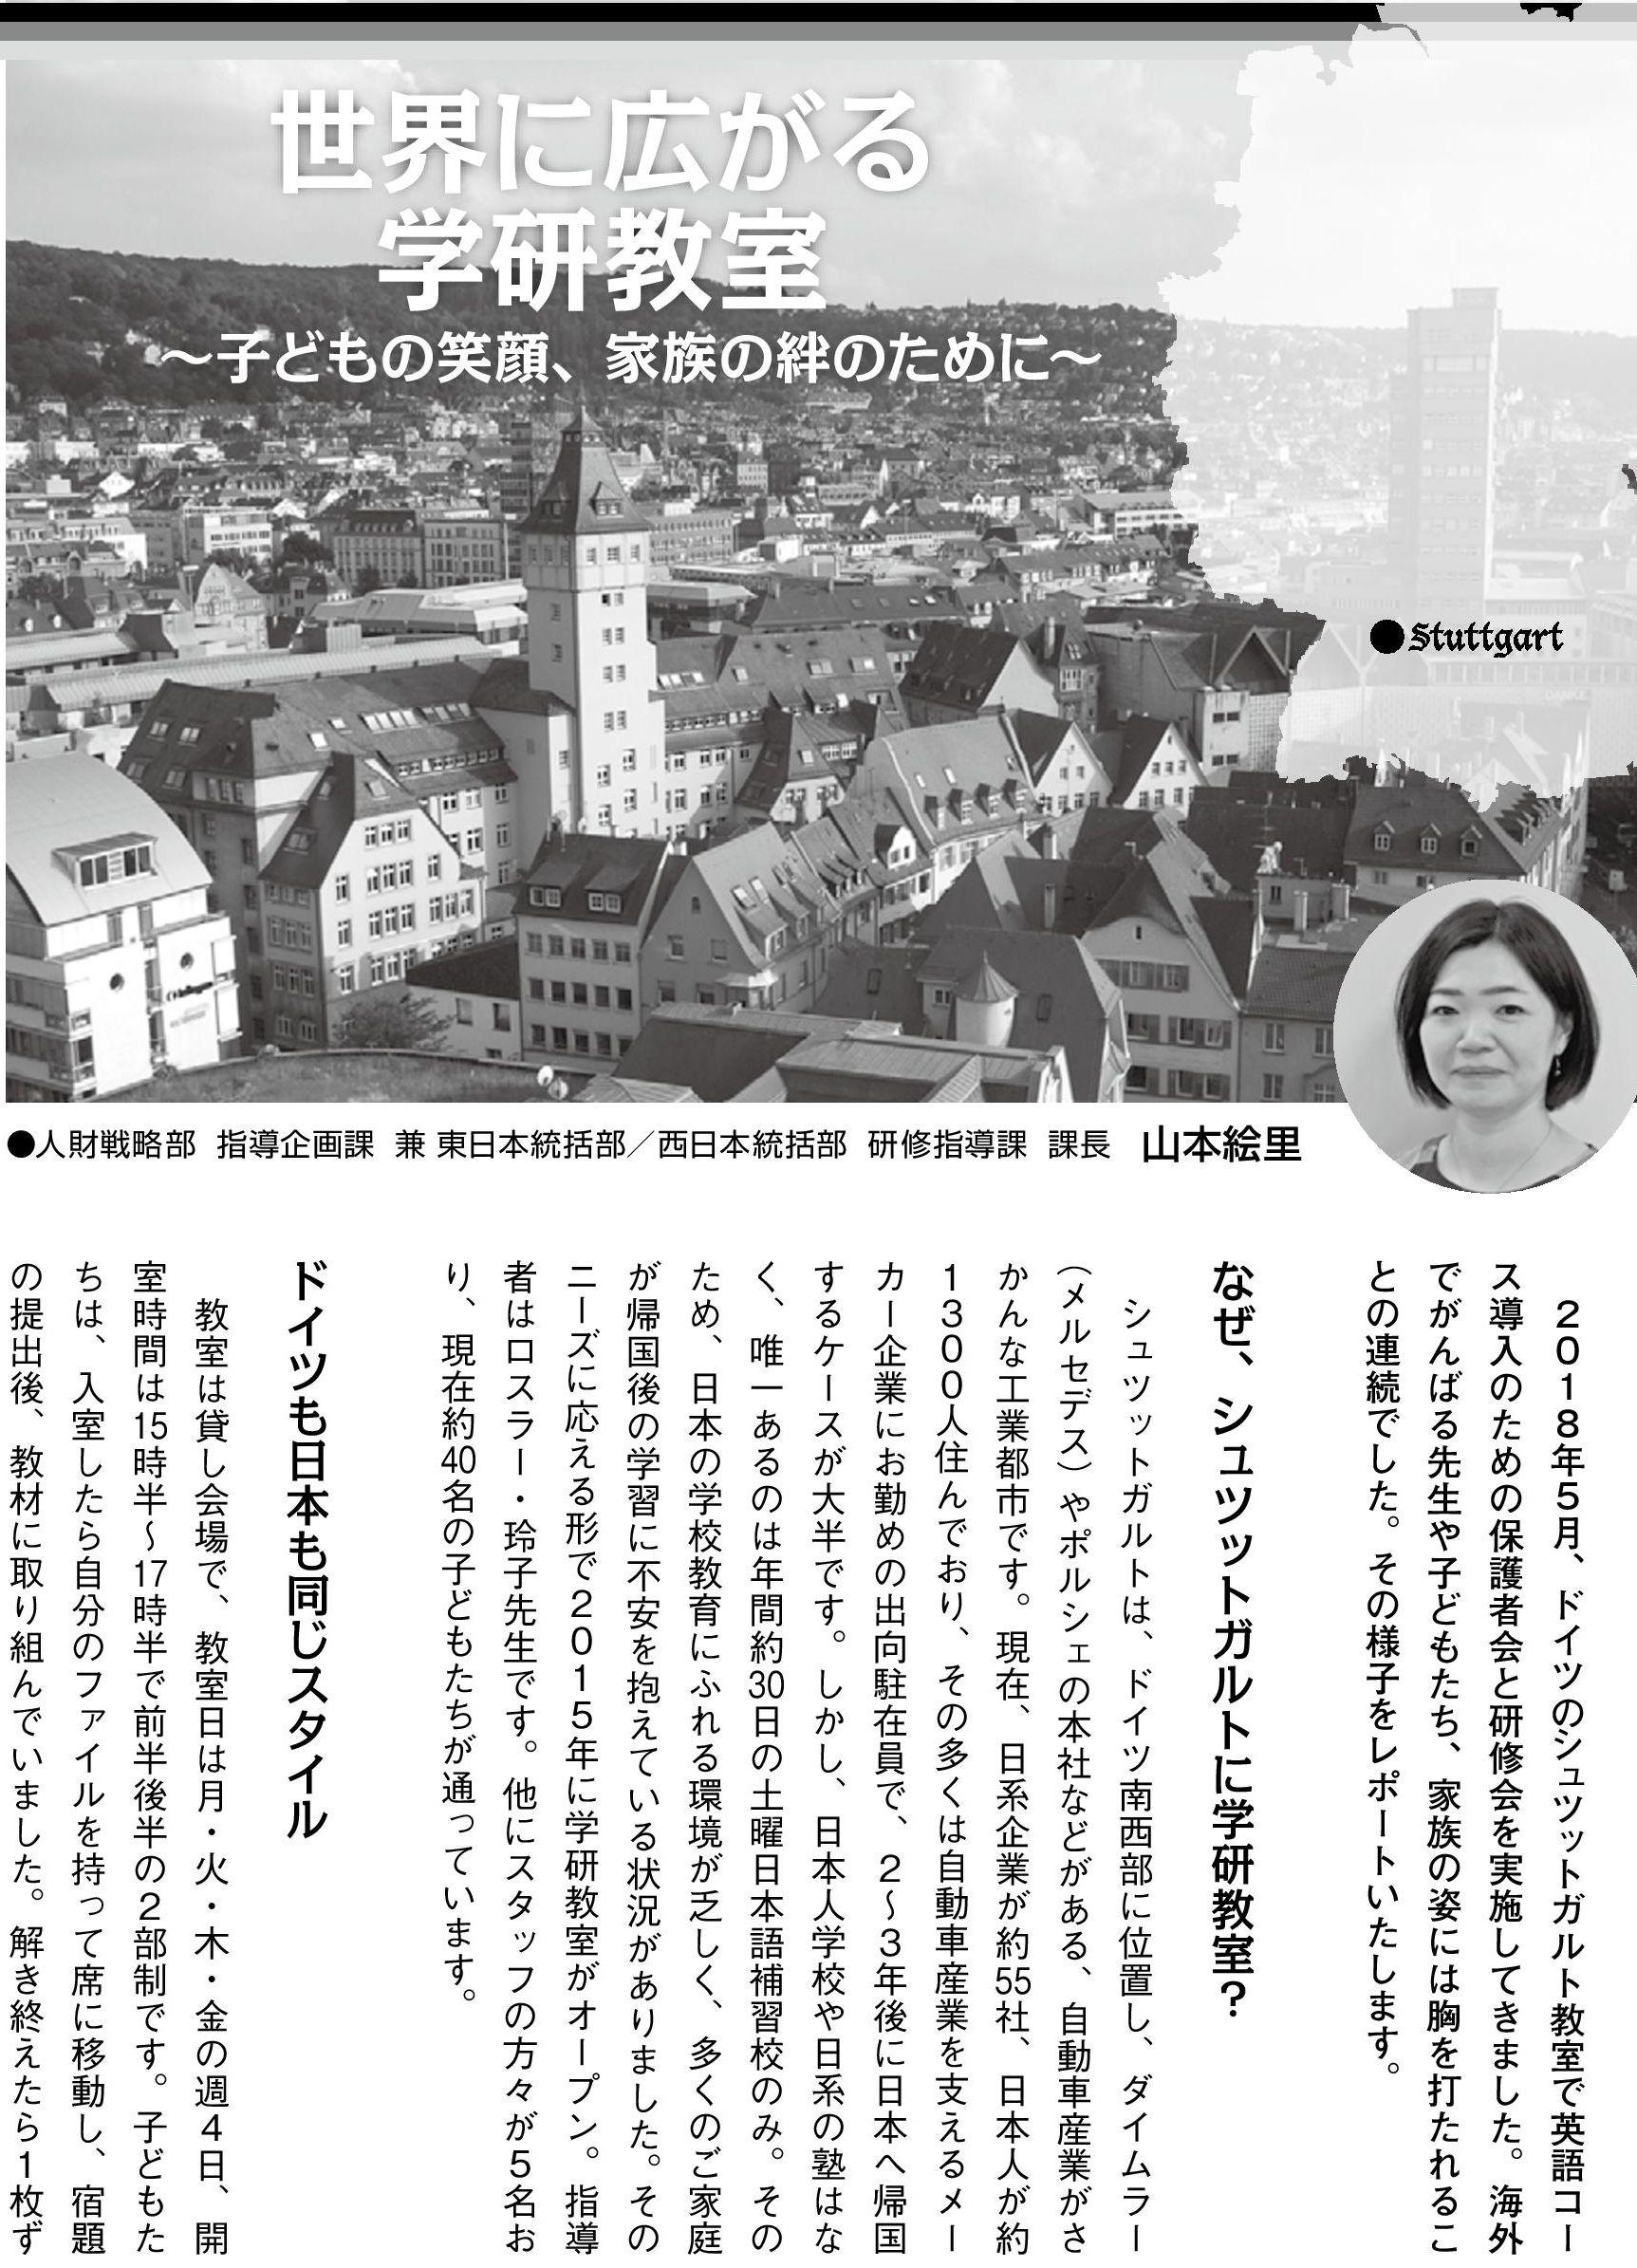 学研 🐾マナミル ログイン画面 入口